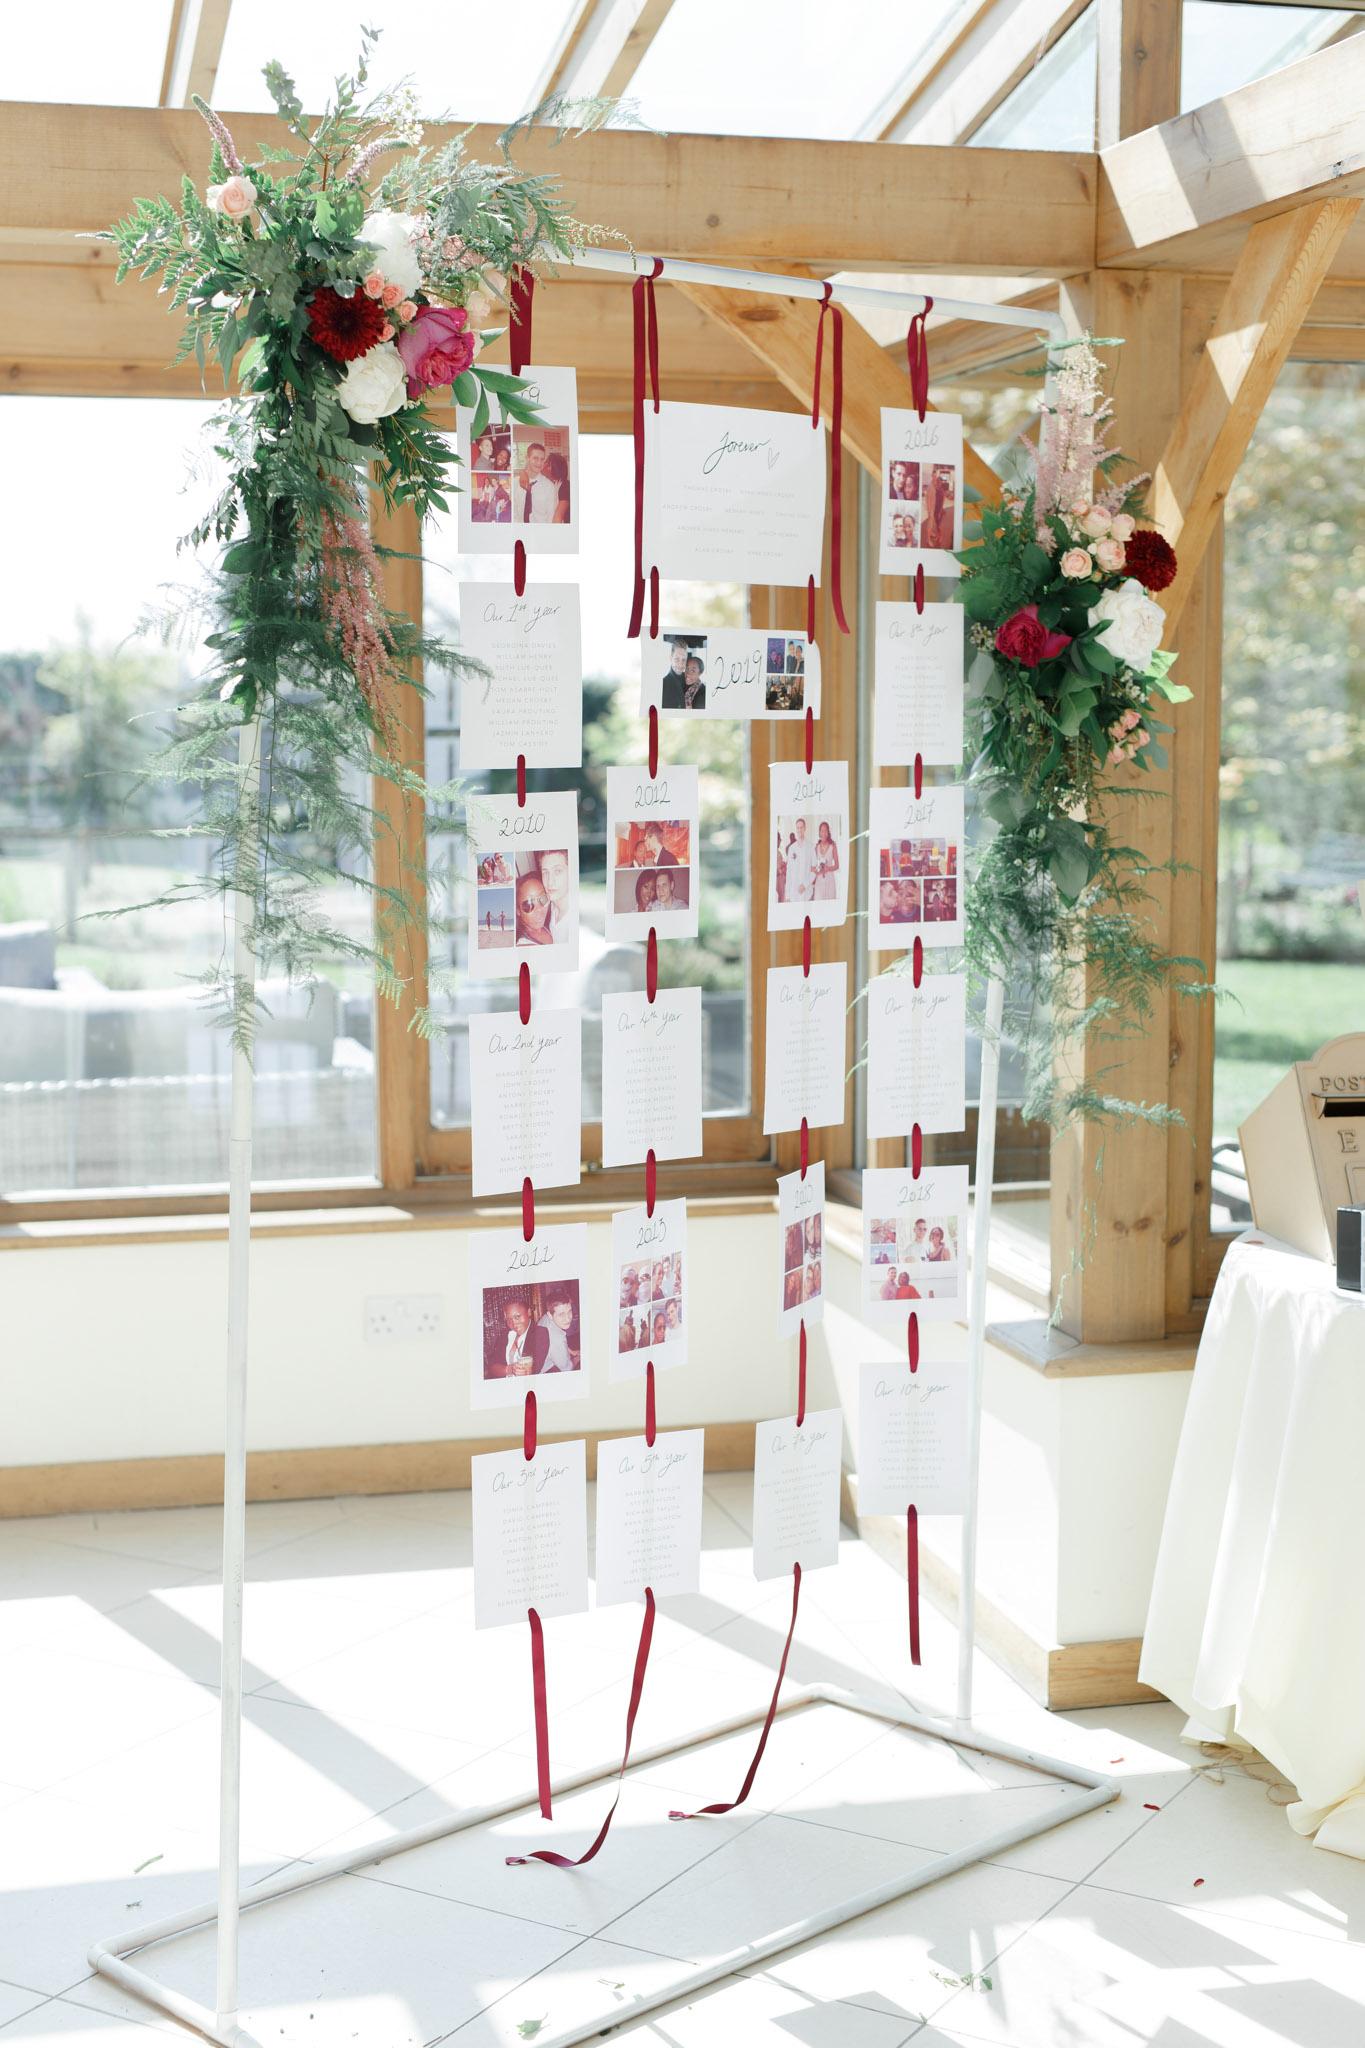 ryan thomas wedding hanging seating chart